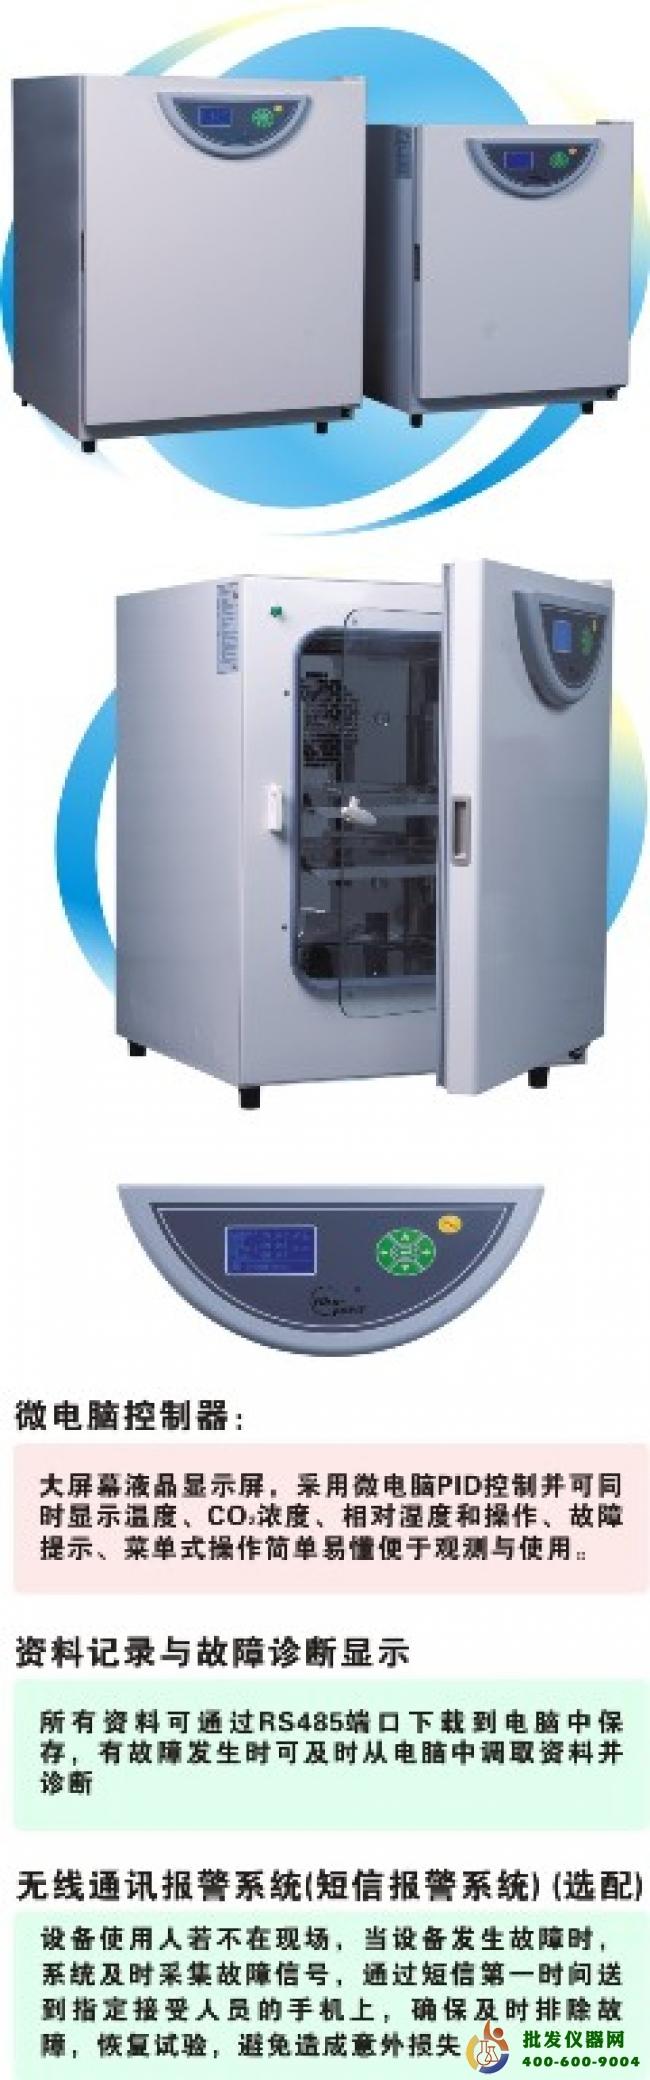 二氧化碳培养箱 BPN-240CRH(UV)